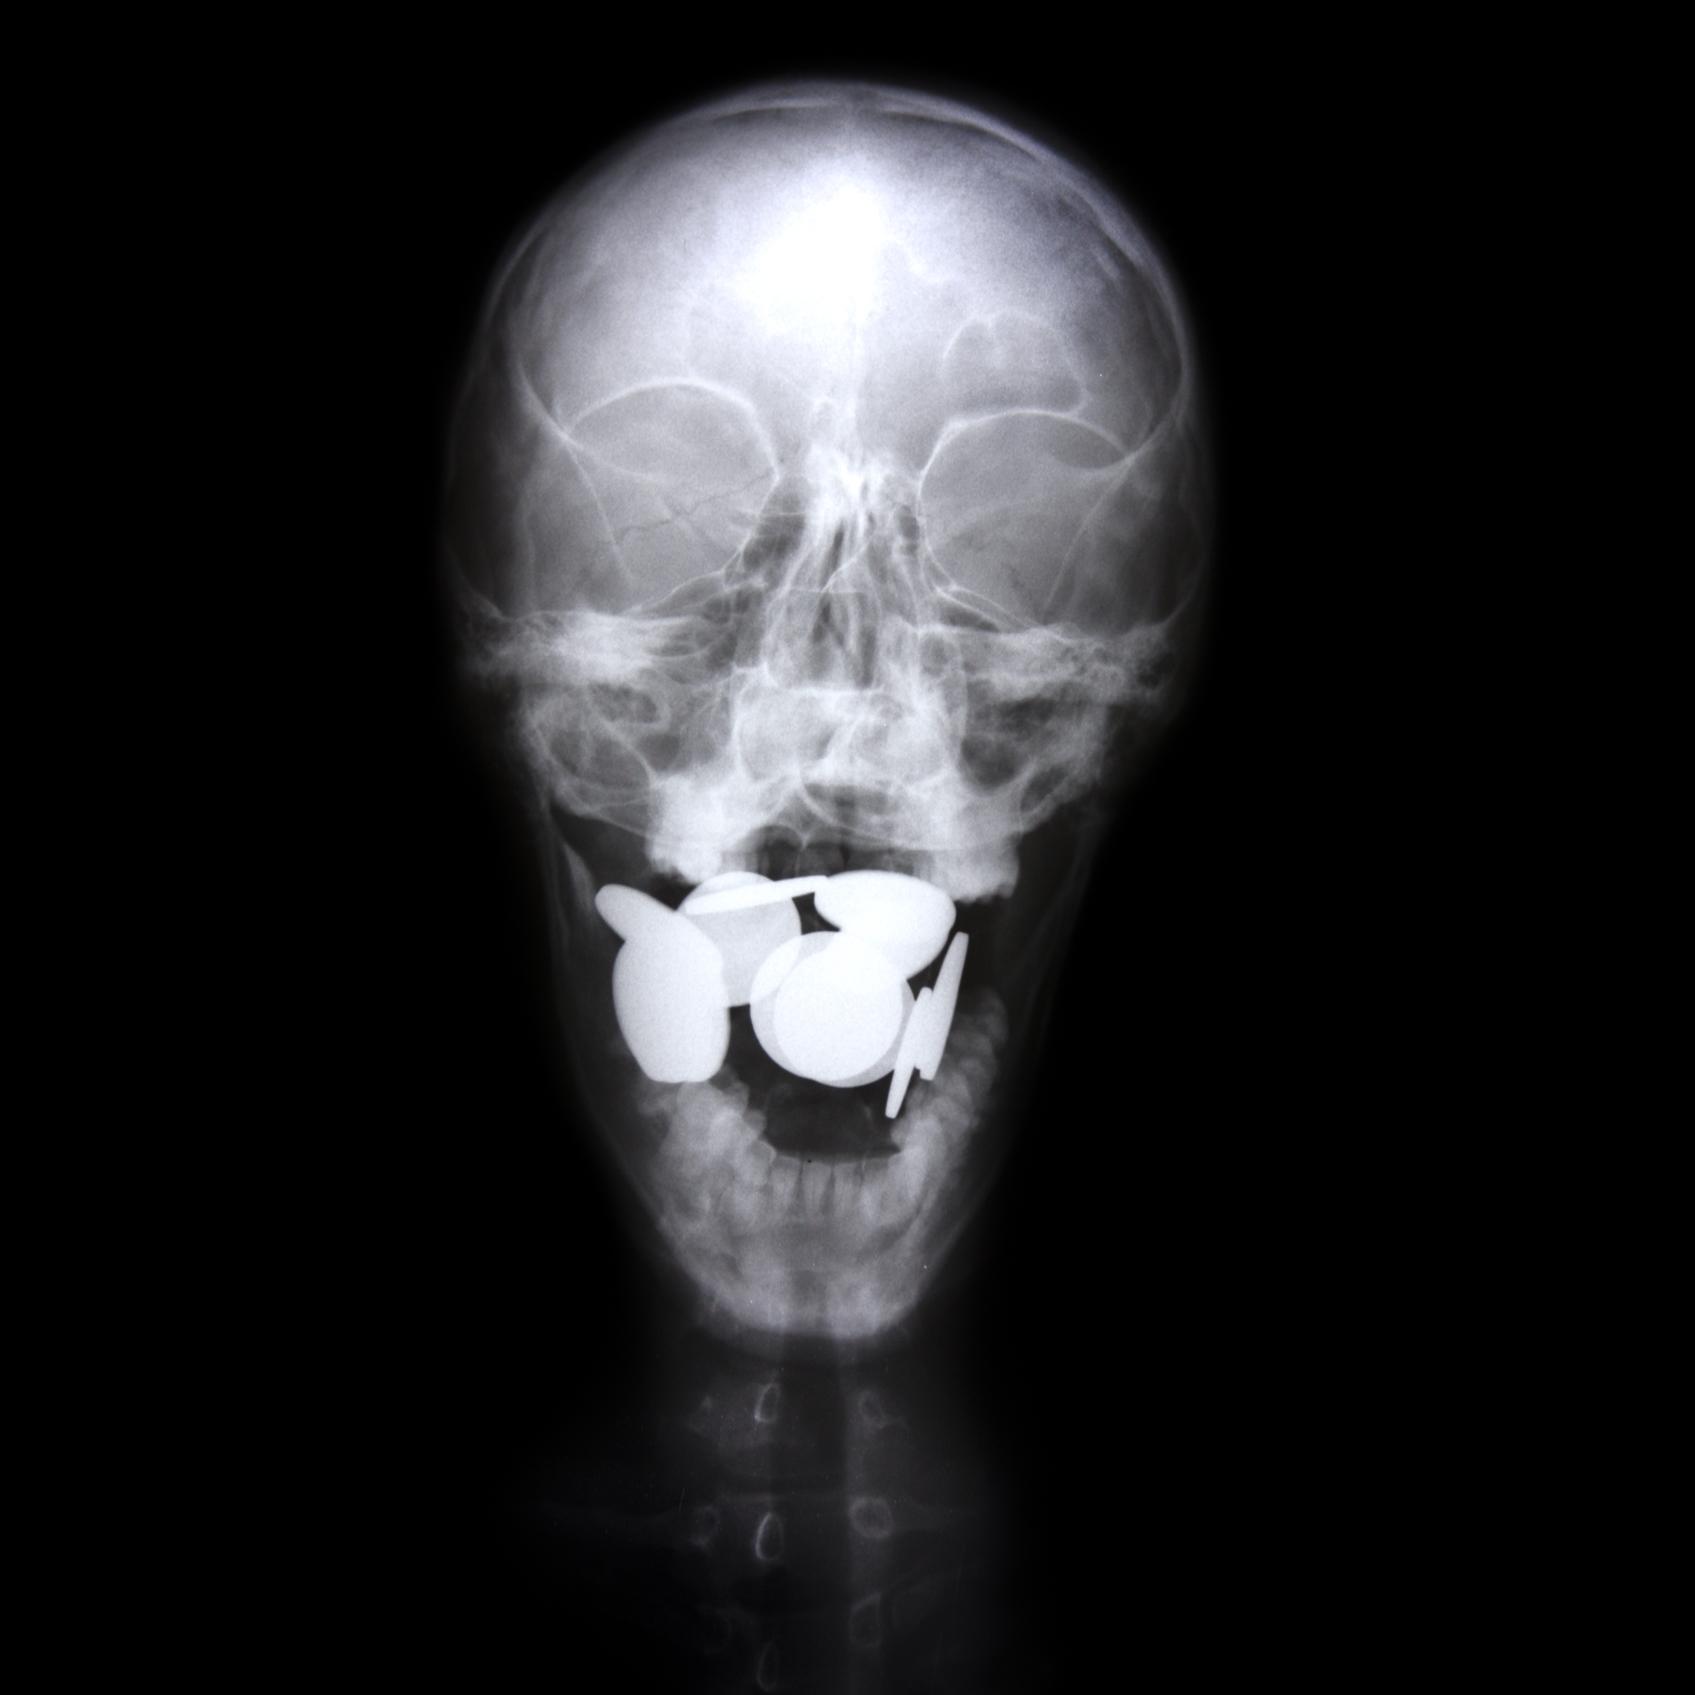 Mártires Radiográficos: El Adversario